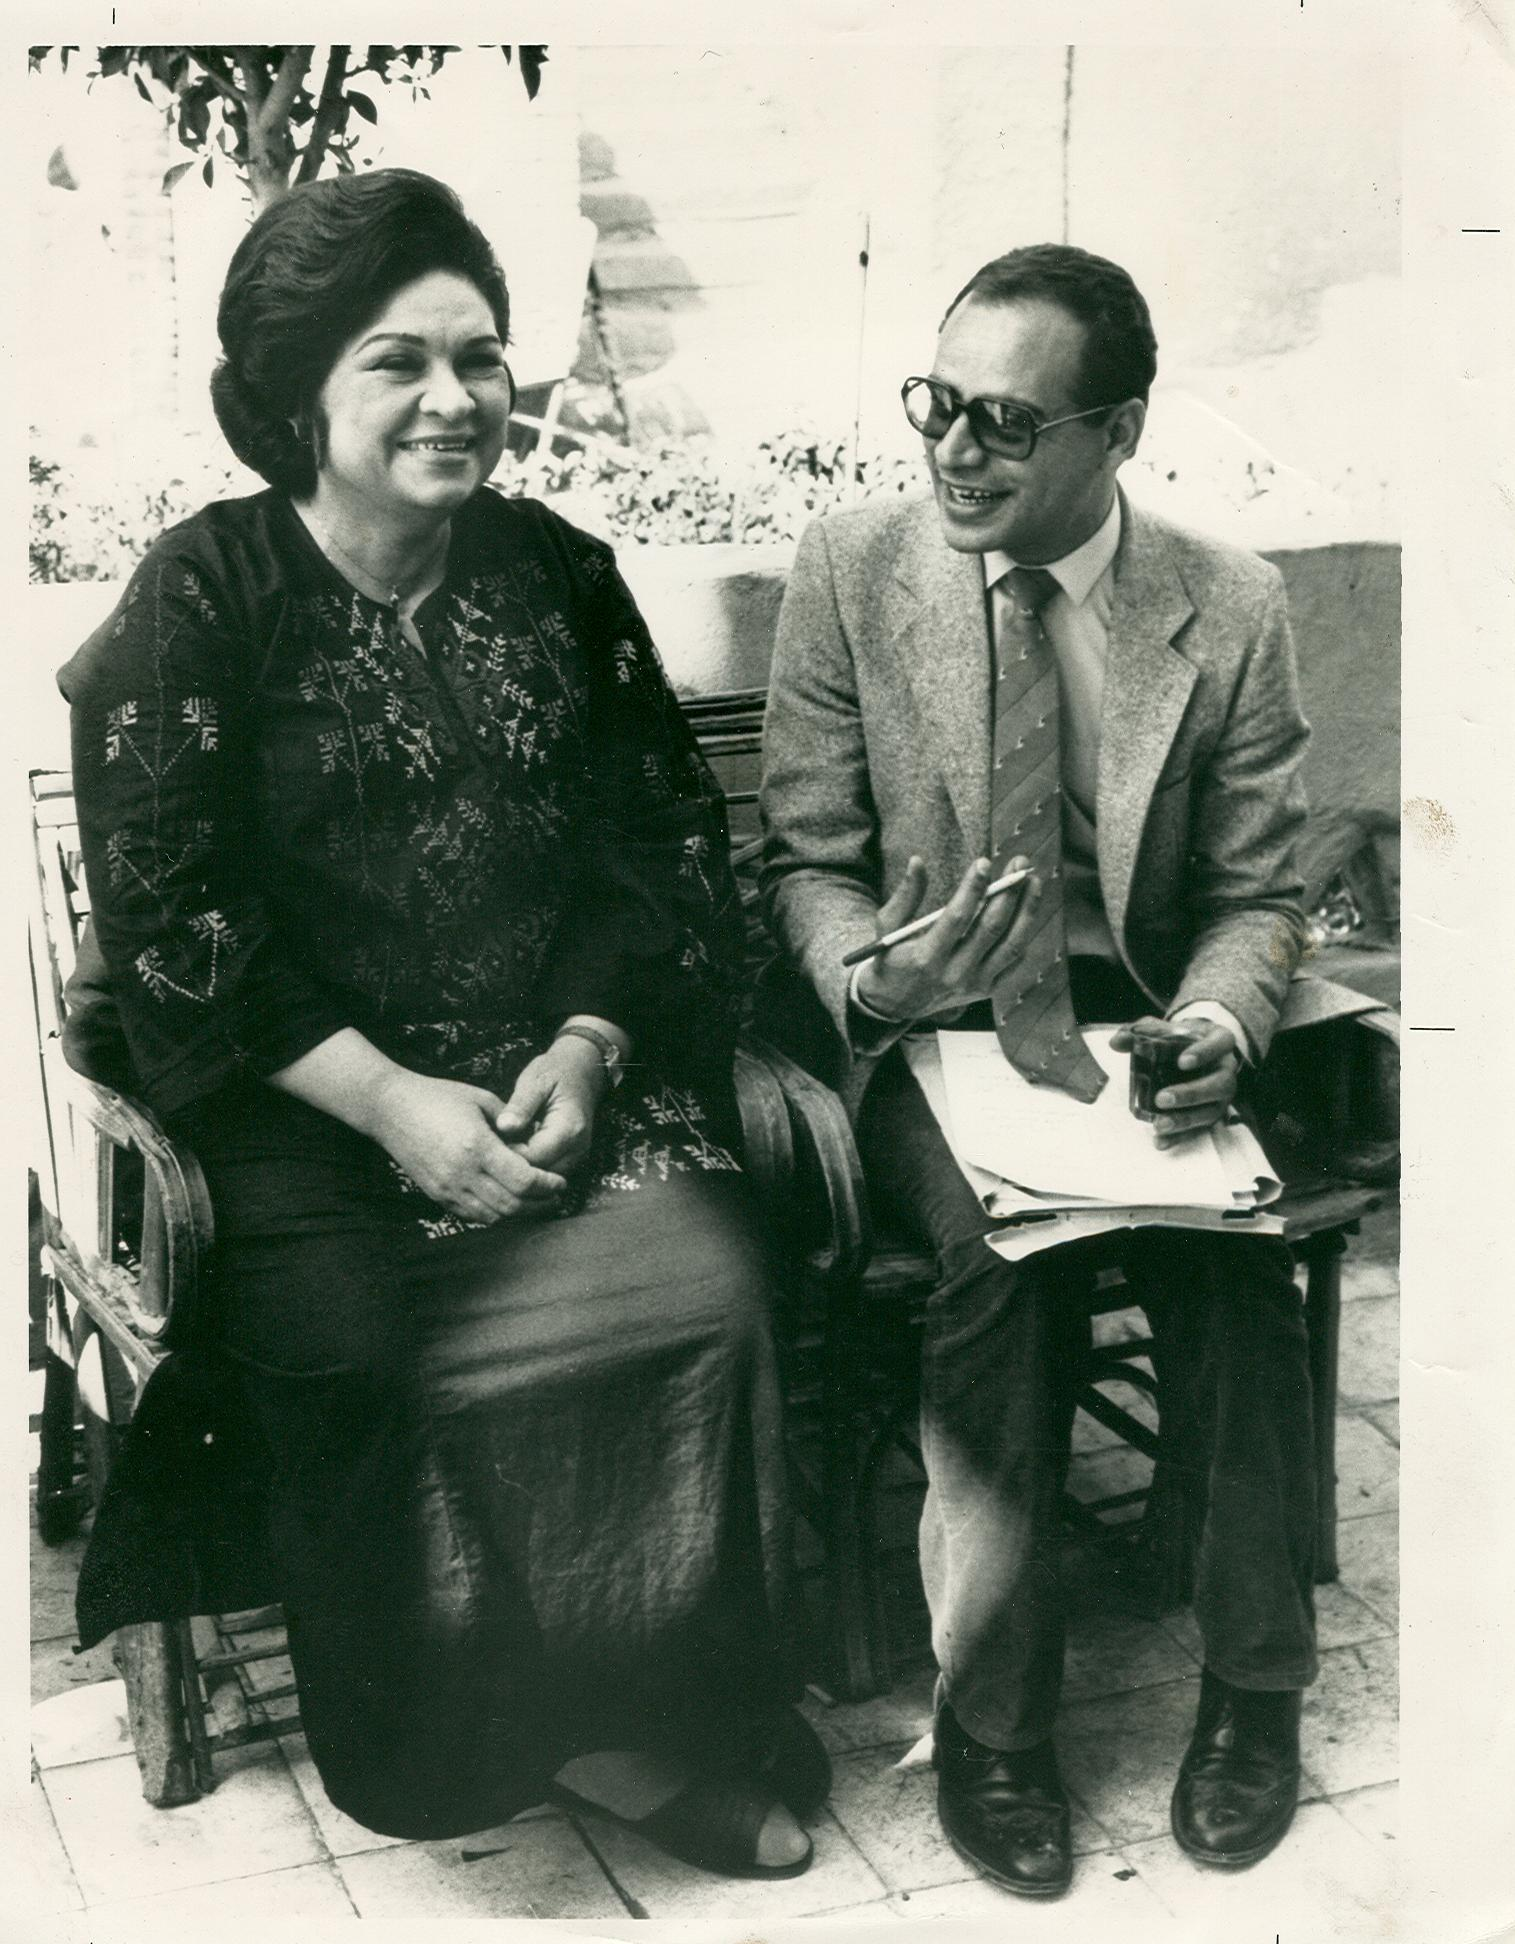 الدكتور فرج الكامل مع الفنانة كريمة مختار أثناء تصوير إعلان الحملة